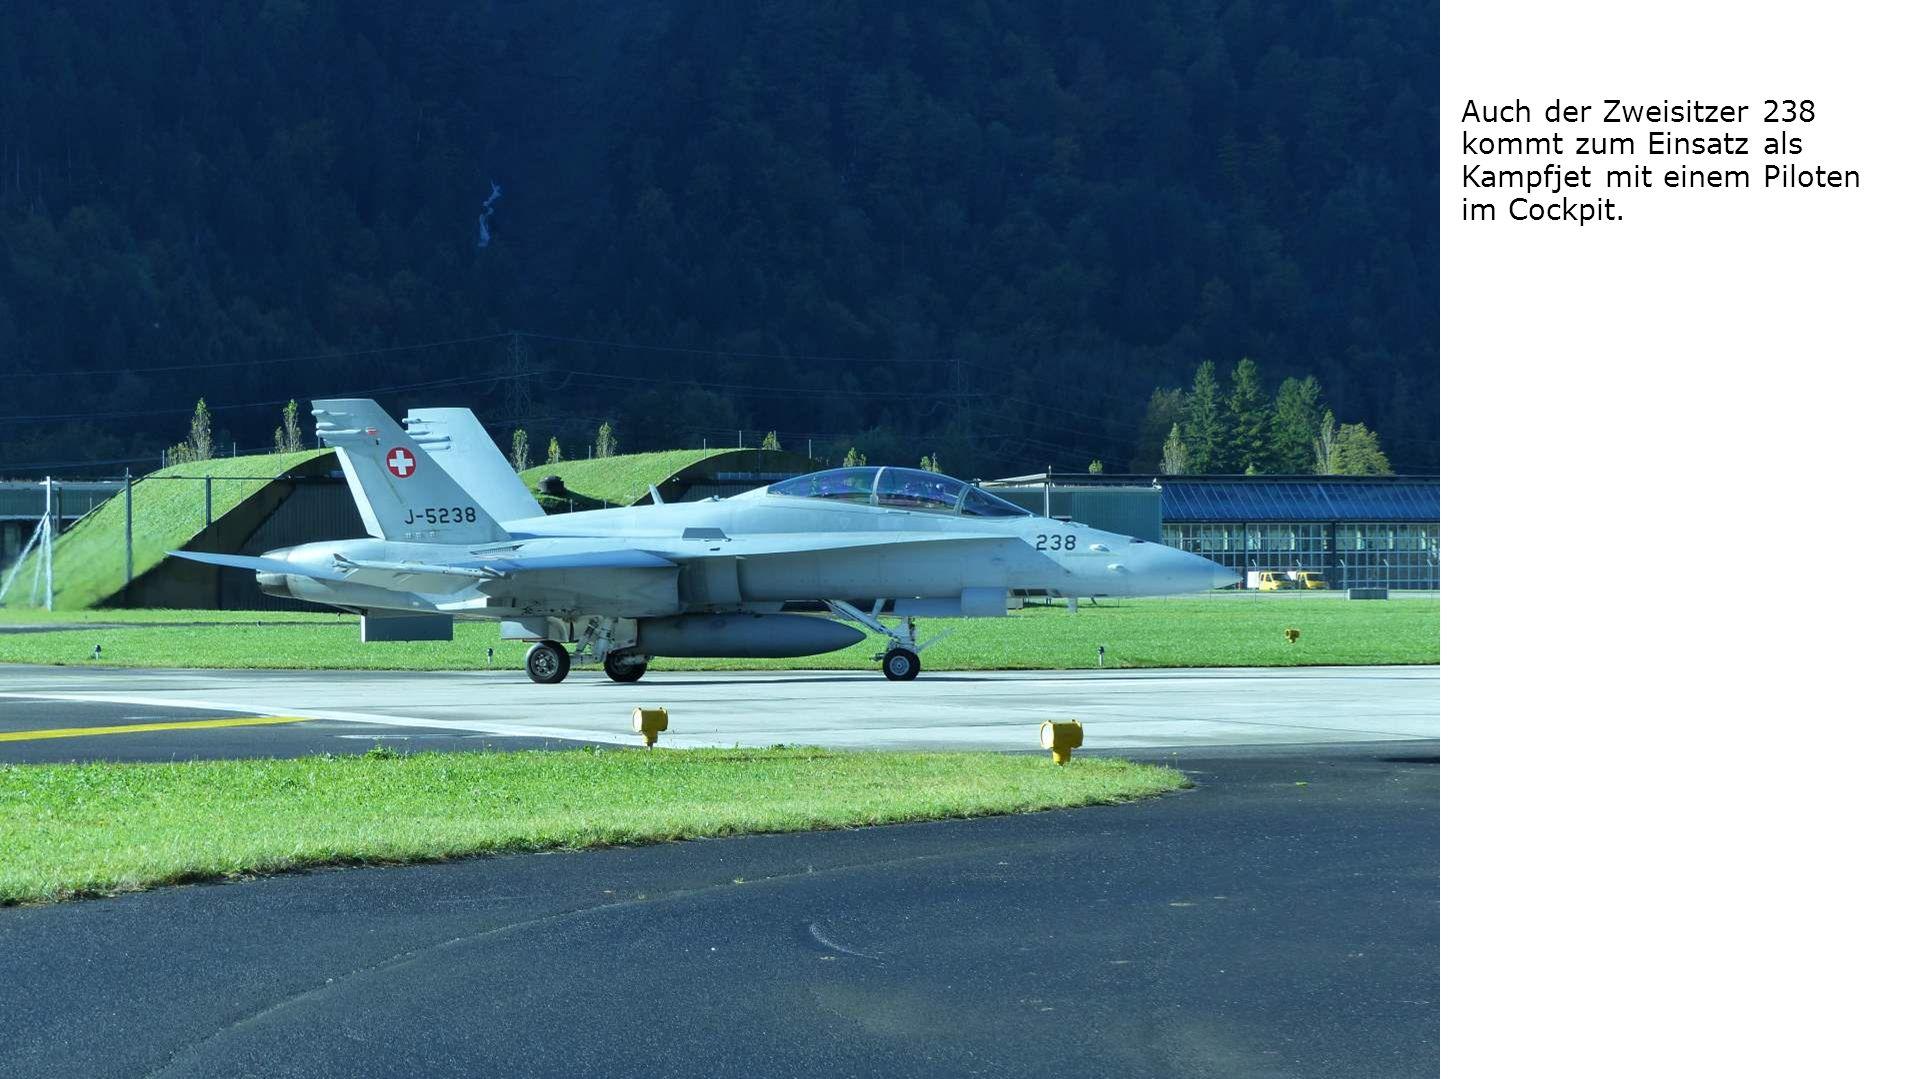 Auch der Zweisitzer 238 kommt zum Einsatz als Kampfjet mit einem Piloten im Cockpit.